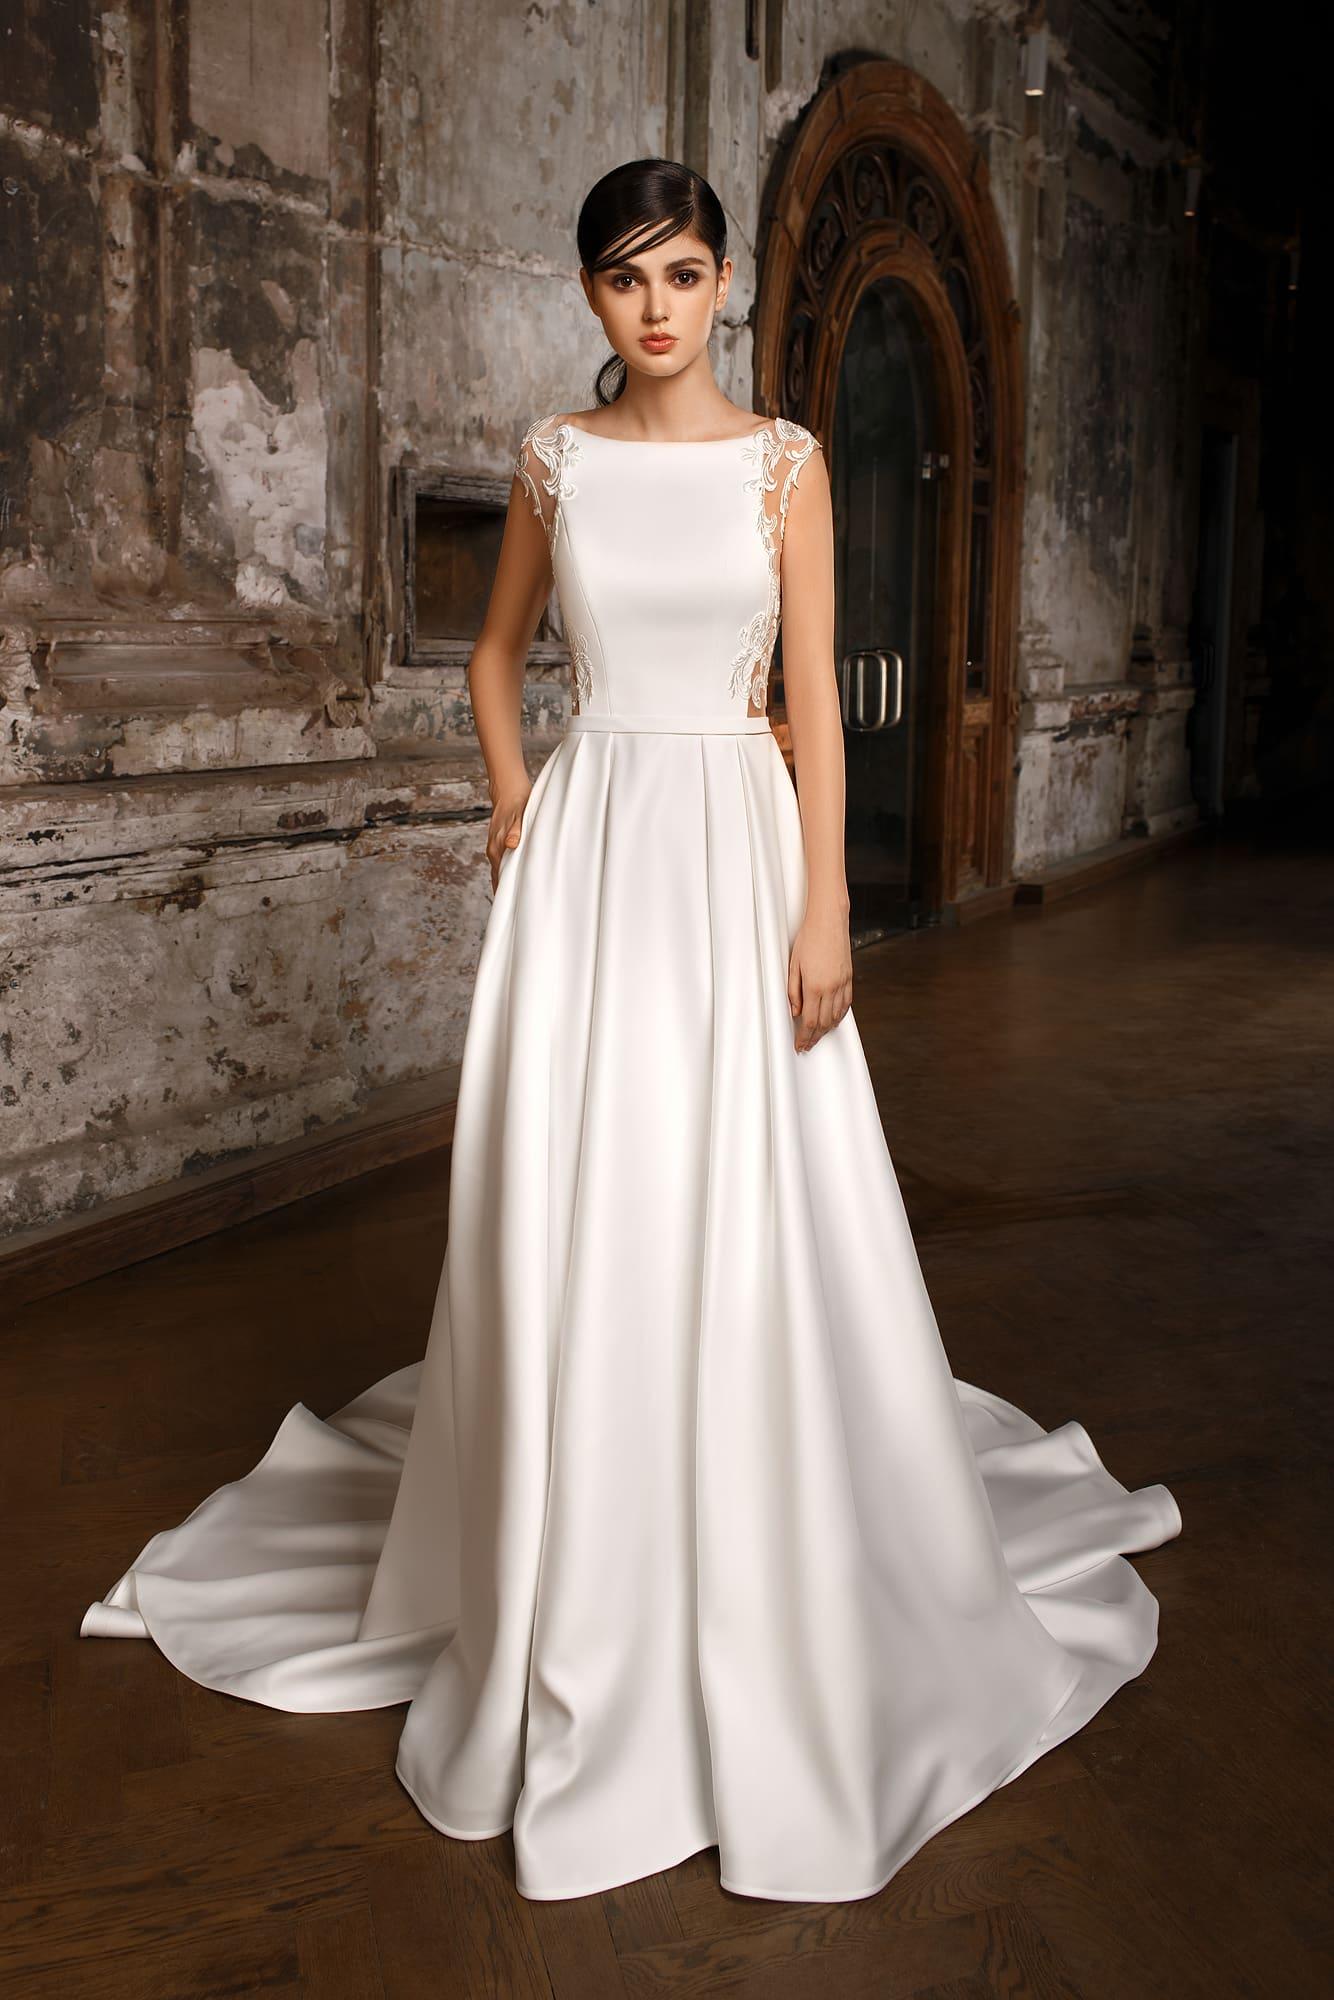 Закрытое свадебное платье из глянцевого атласа, с прозрачной спинкой и юбкой А-силуэта.